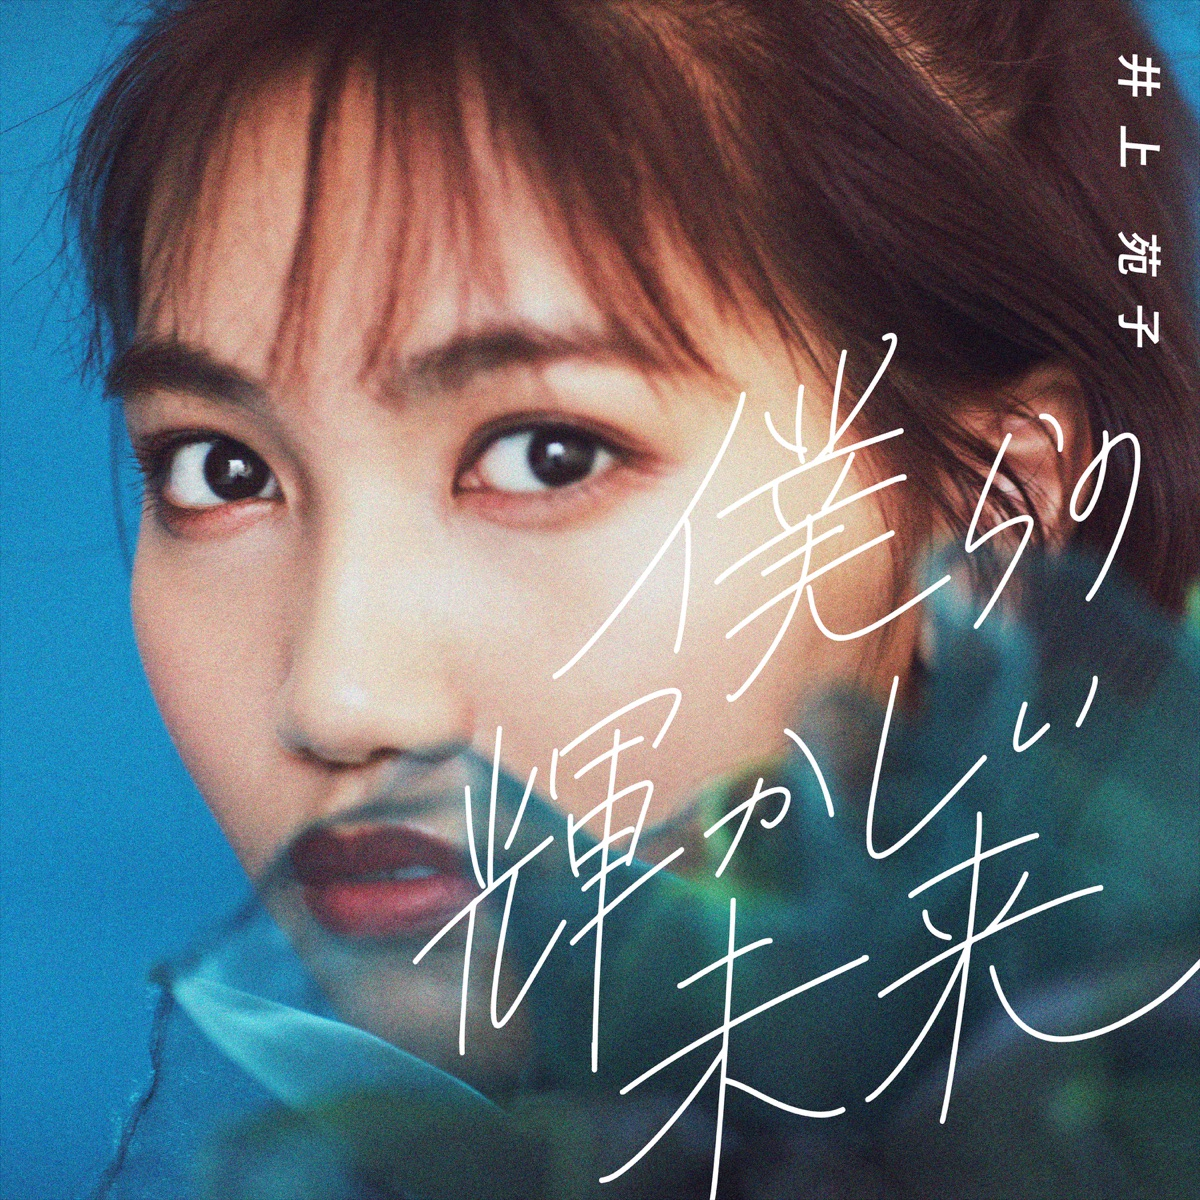 『井上苑子 - 僕らの輝かしい未来 歌詞』収録の『僕らの輝かしい未来』ジャケット